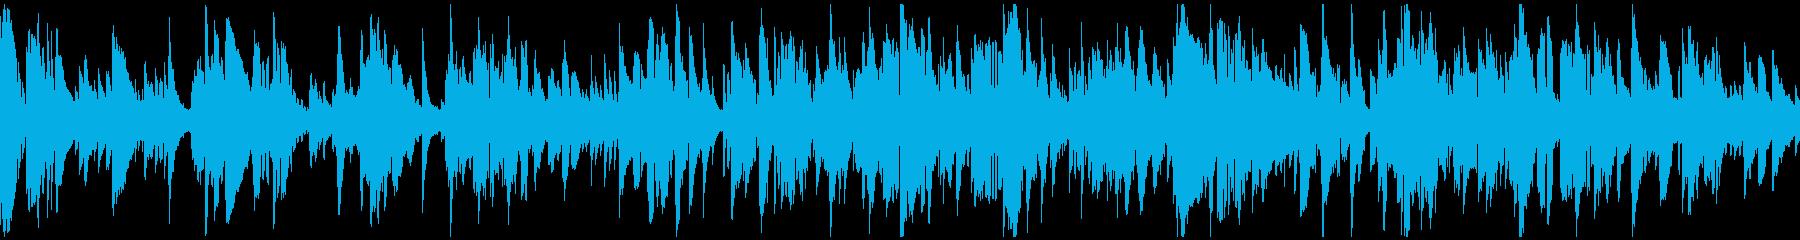 まどろみ感のある大人系バラード※ループ版の再生済みの波形